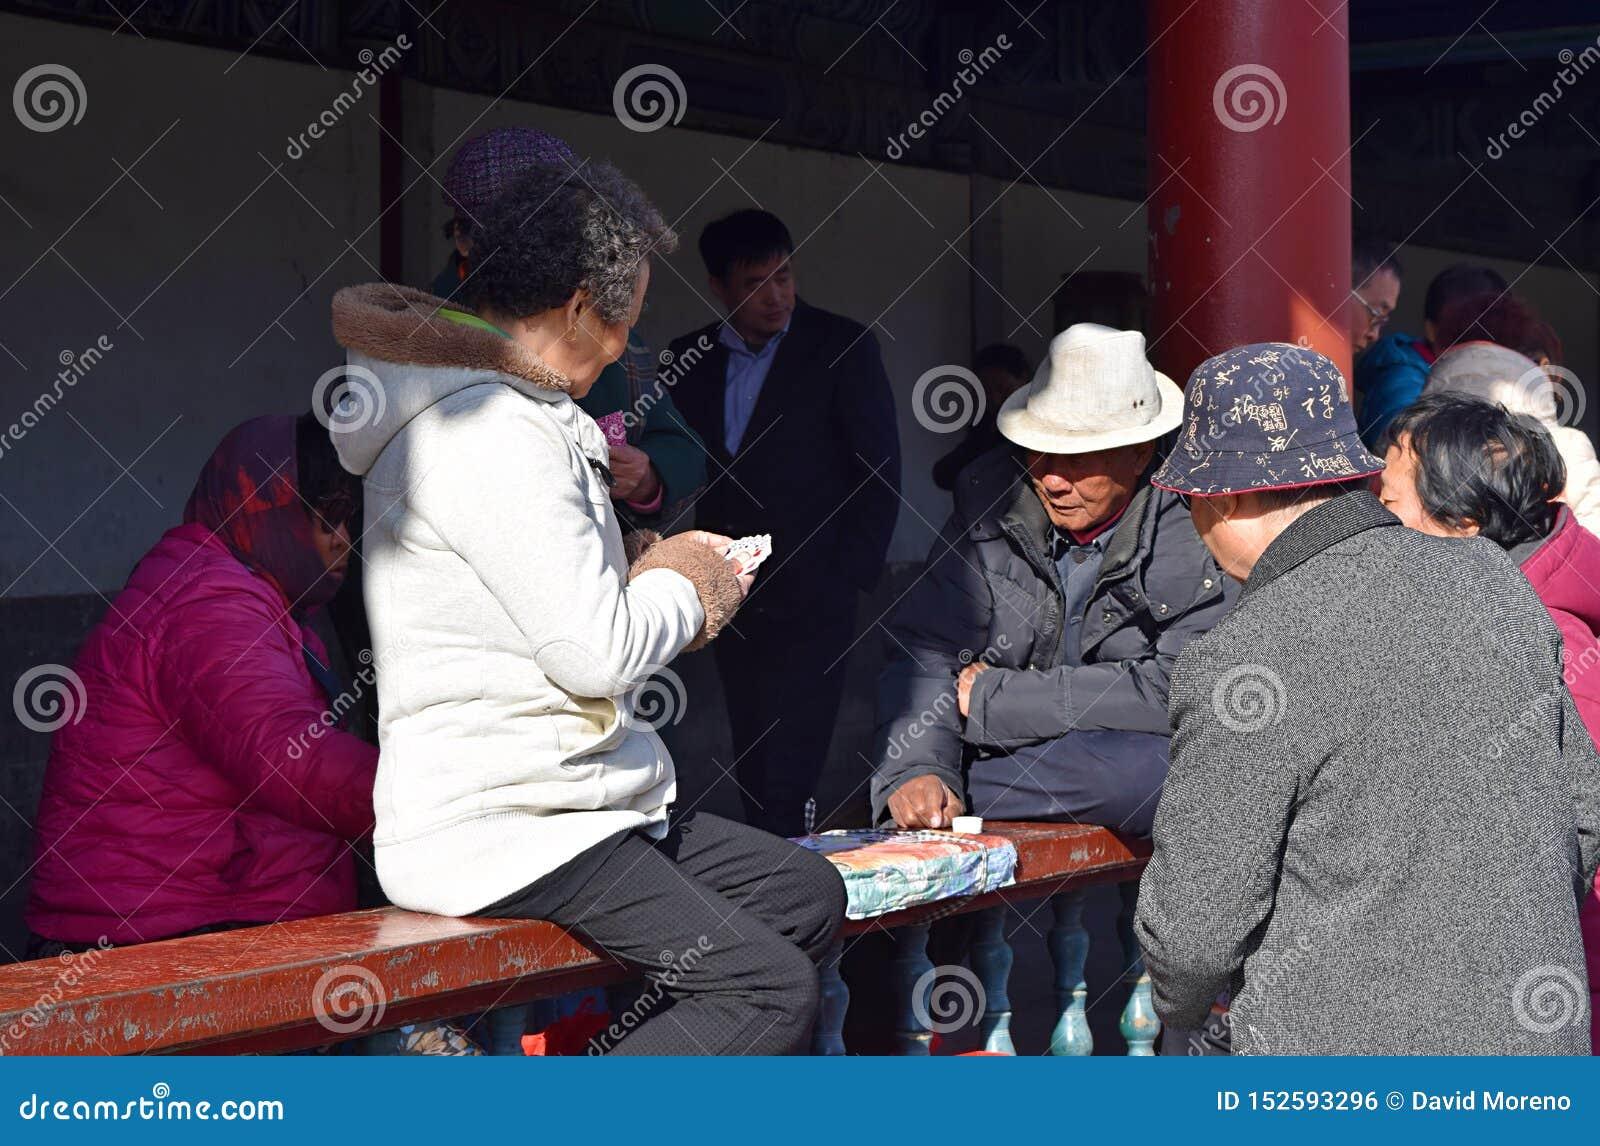 Πόλη Χο Τσι Μινχ, Βιετνάμ, στις 30 Μαρτίου 2019: Βιετναμέζικος αγώνας καρτών παιχνιδιού στην οδό